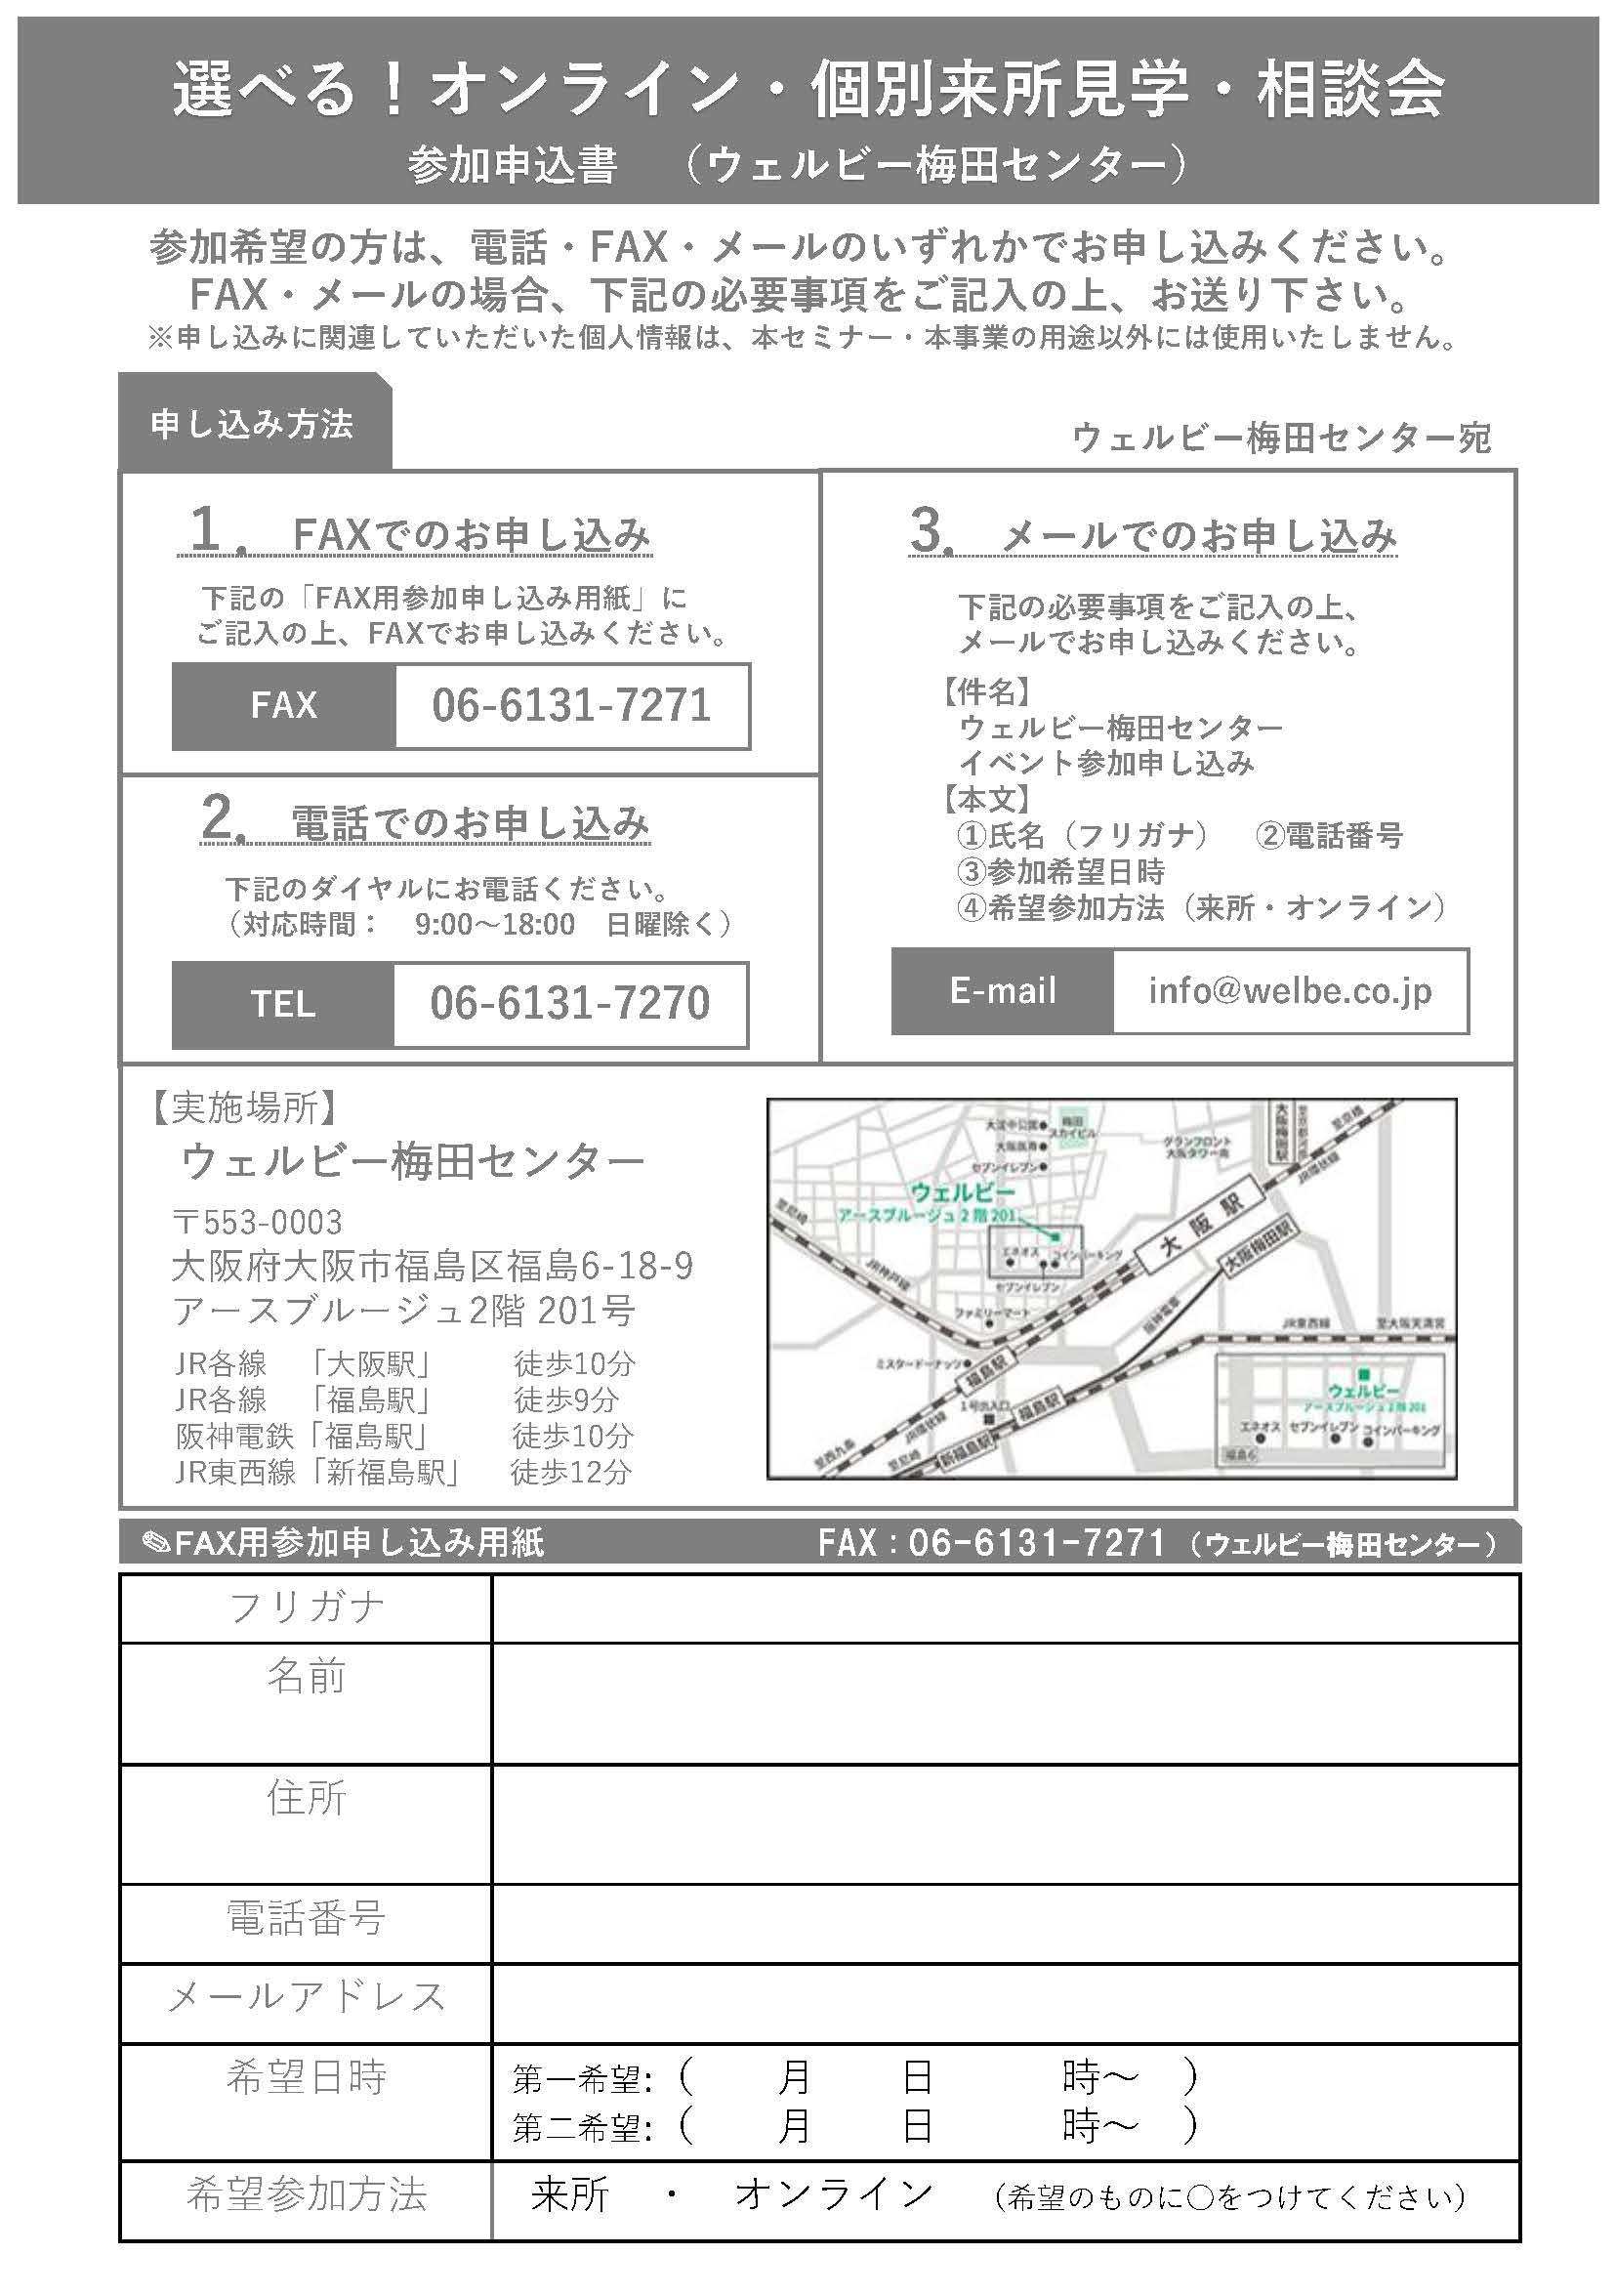 梅田センターDM用チラシ_ページ_2